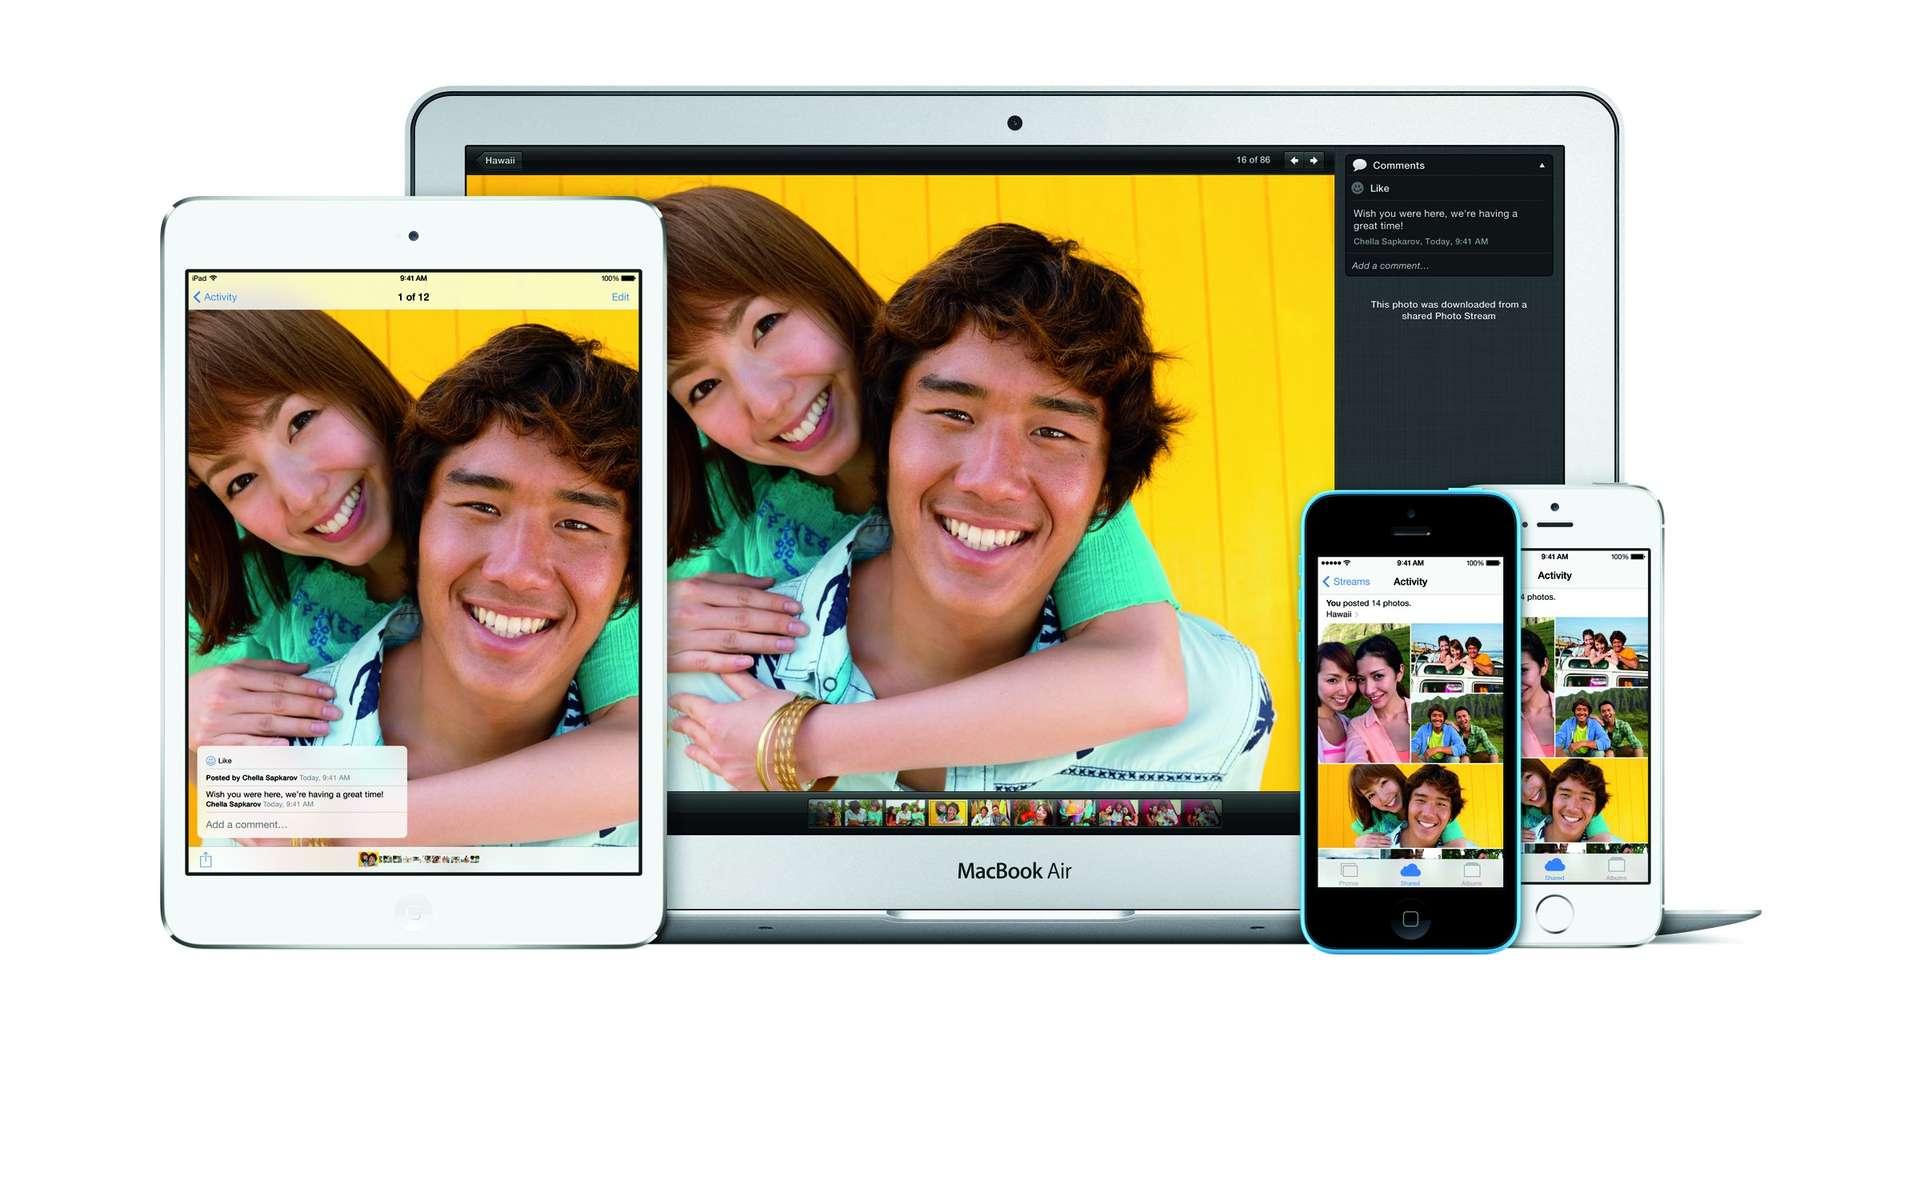 Les systèmes d'exploitation d'Apple Mac OS X et iOS sont victimes de plusieurs vulnérabilités qui, si elles sont exploitées, peuvent servir à compromettre la sécurité des applications pour dérober des données sensibles. © Apple